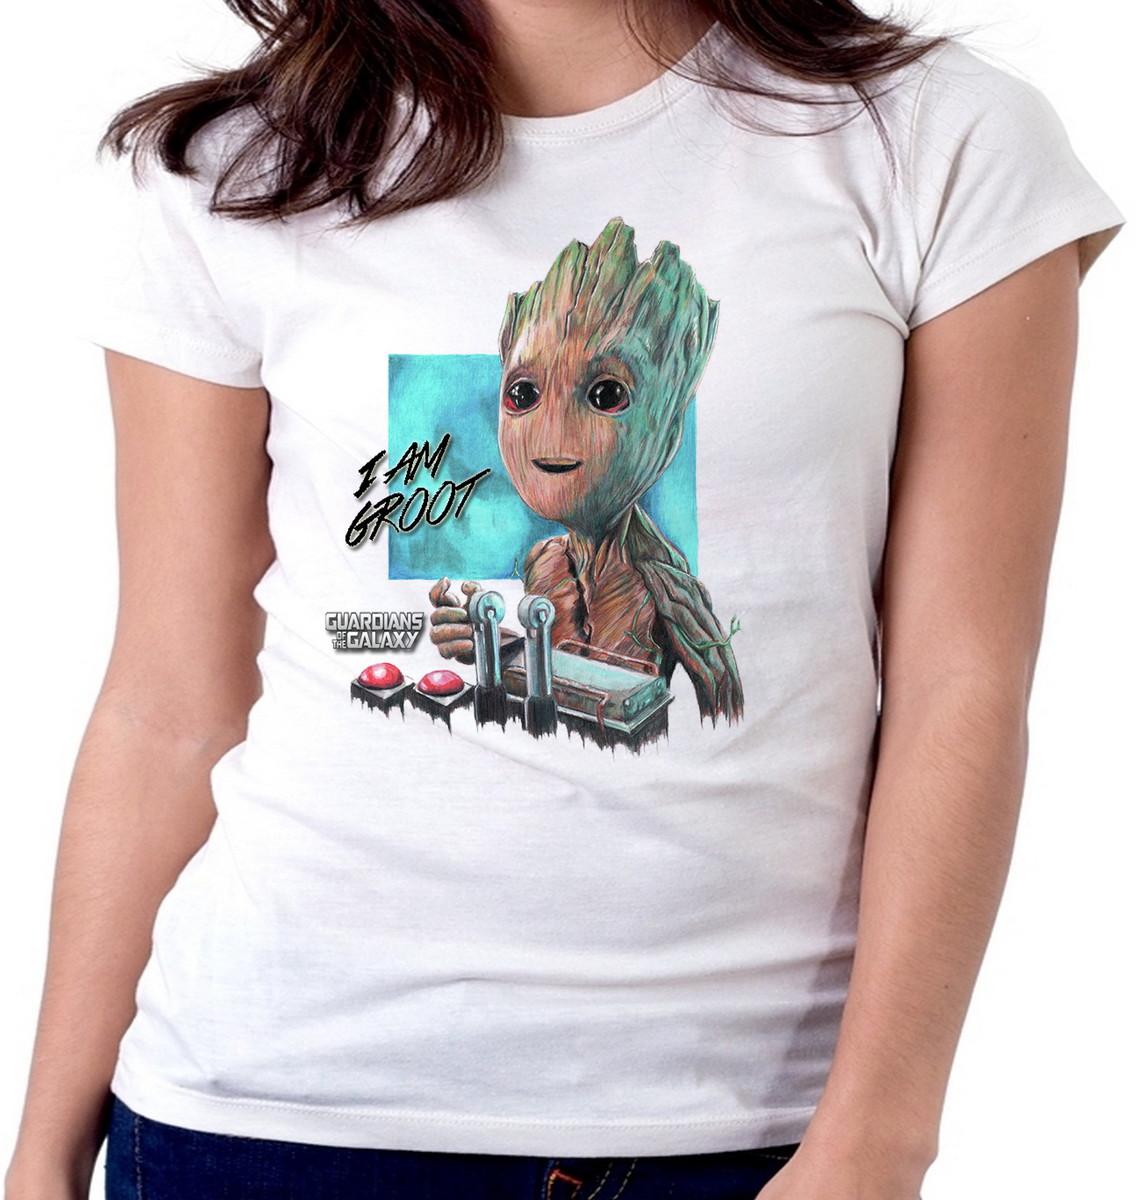 cc84f5866f Blusa feminina baby look camiseta Groot Guardiões da Galáxia no Elo7 ...